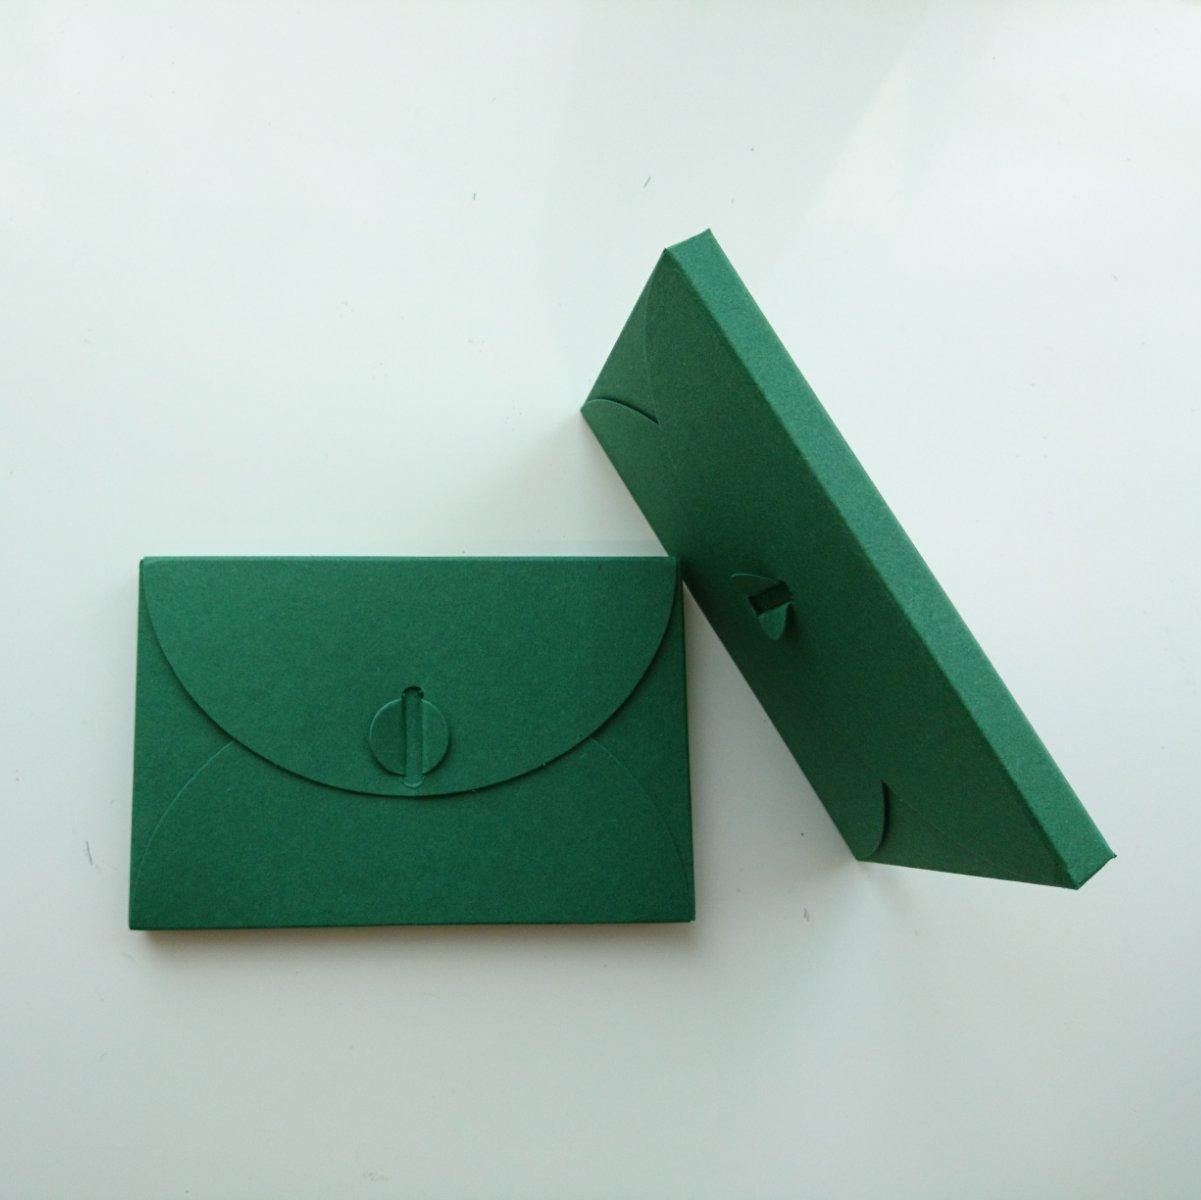 Подарочный конверт из эко крафт-картона 80х120х8 мм + ПОДАРОК (на 200 шт конвертов) Зеленый